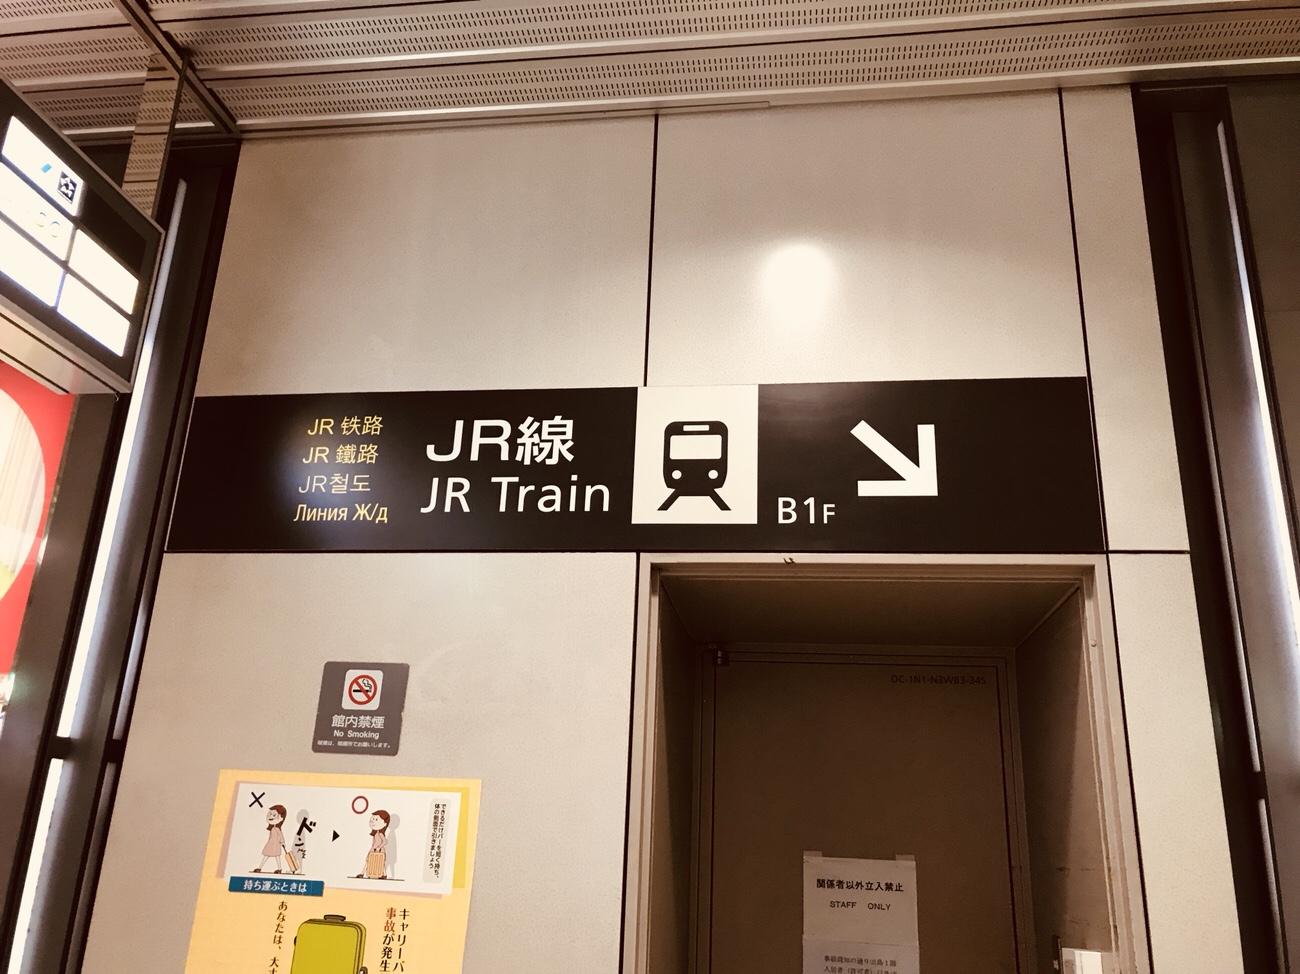 新千歳空港から札幌への行き方 JRは地下一階